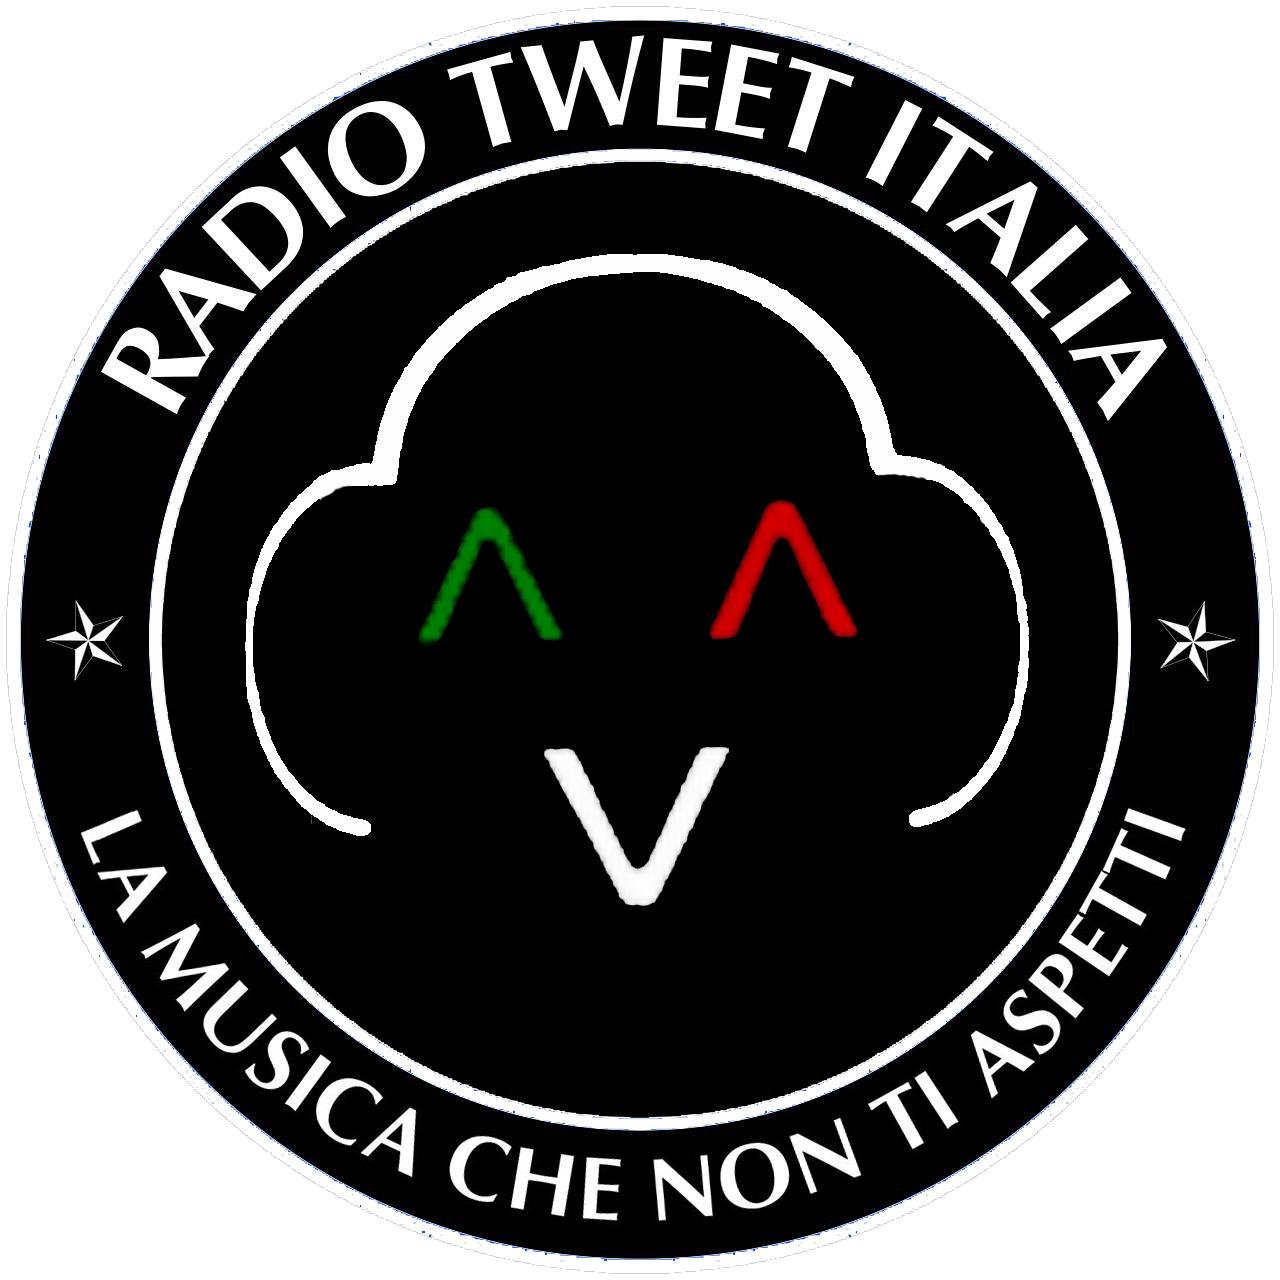 radio-tweet-italia